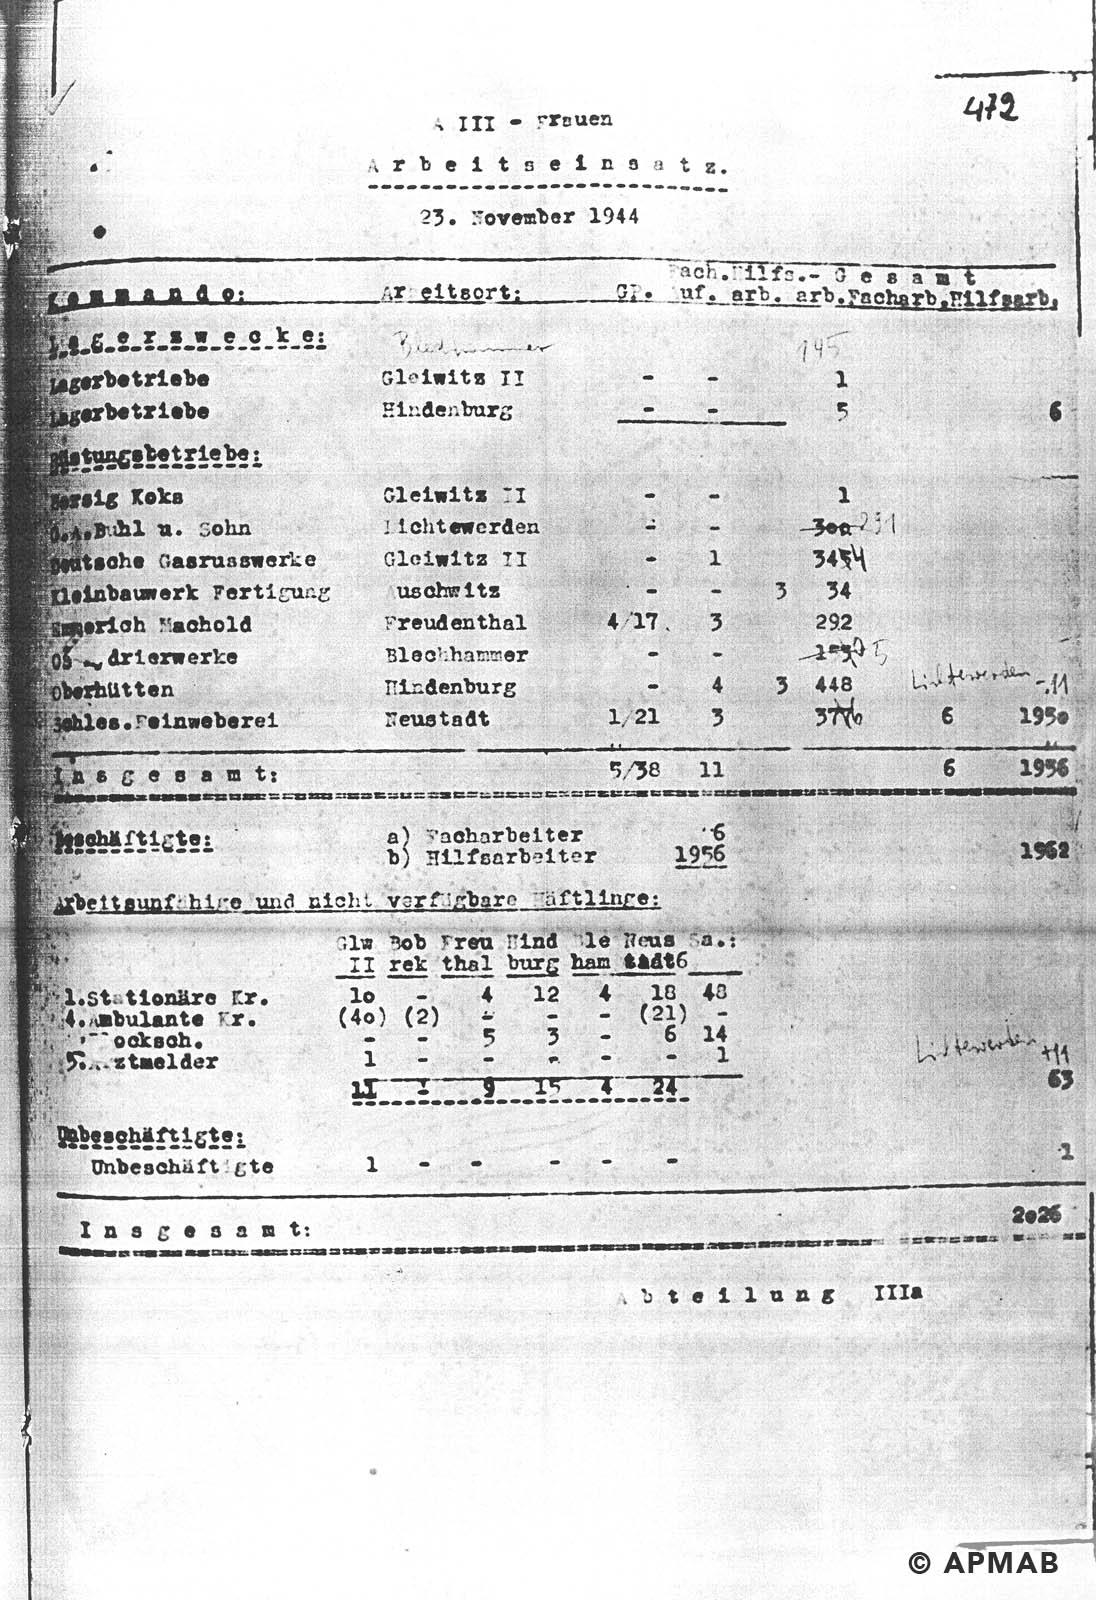 Female prisoner numbers APMAB NR INW. 30416